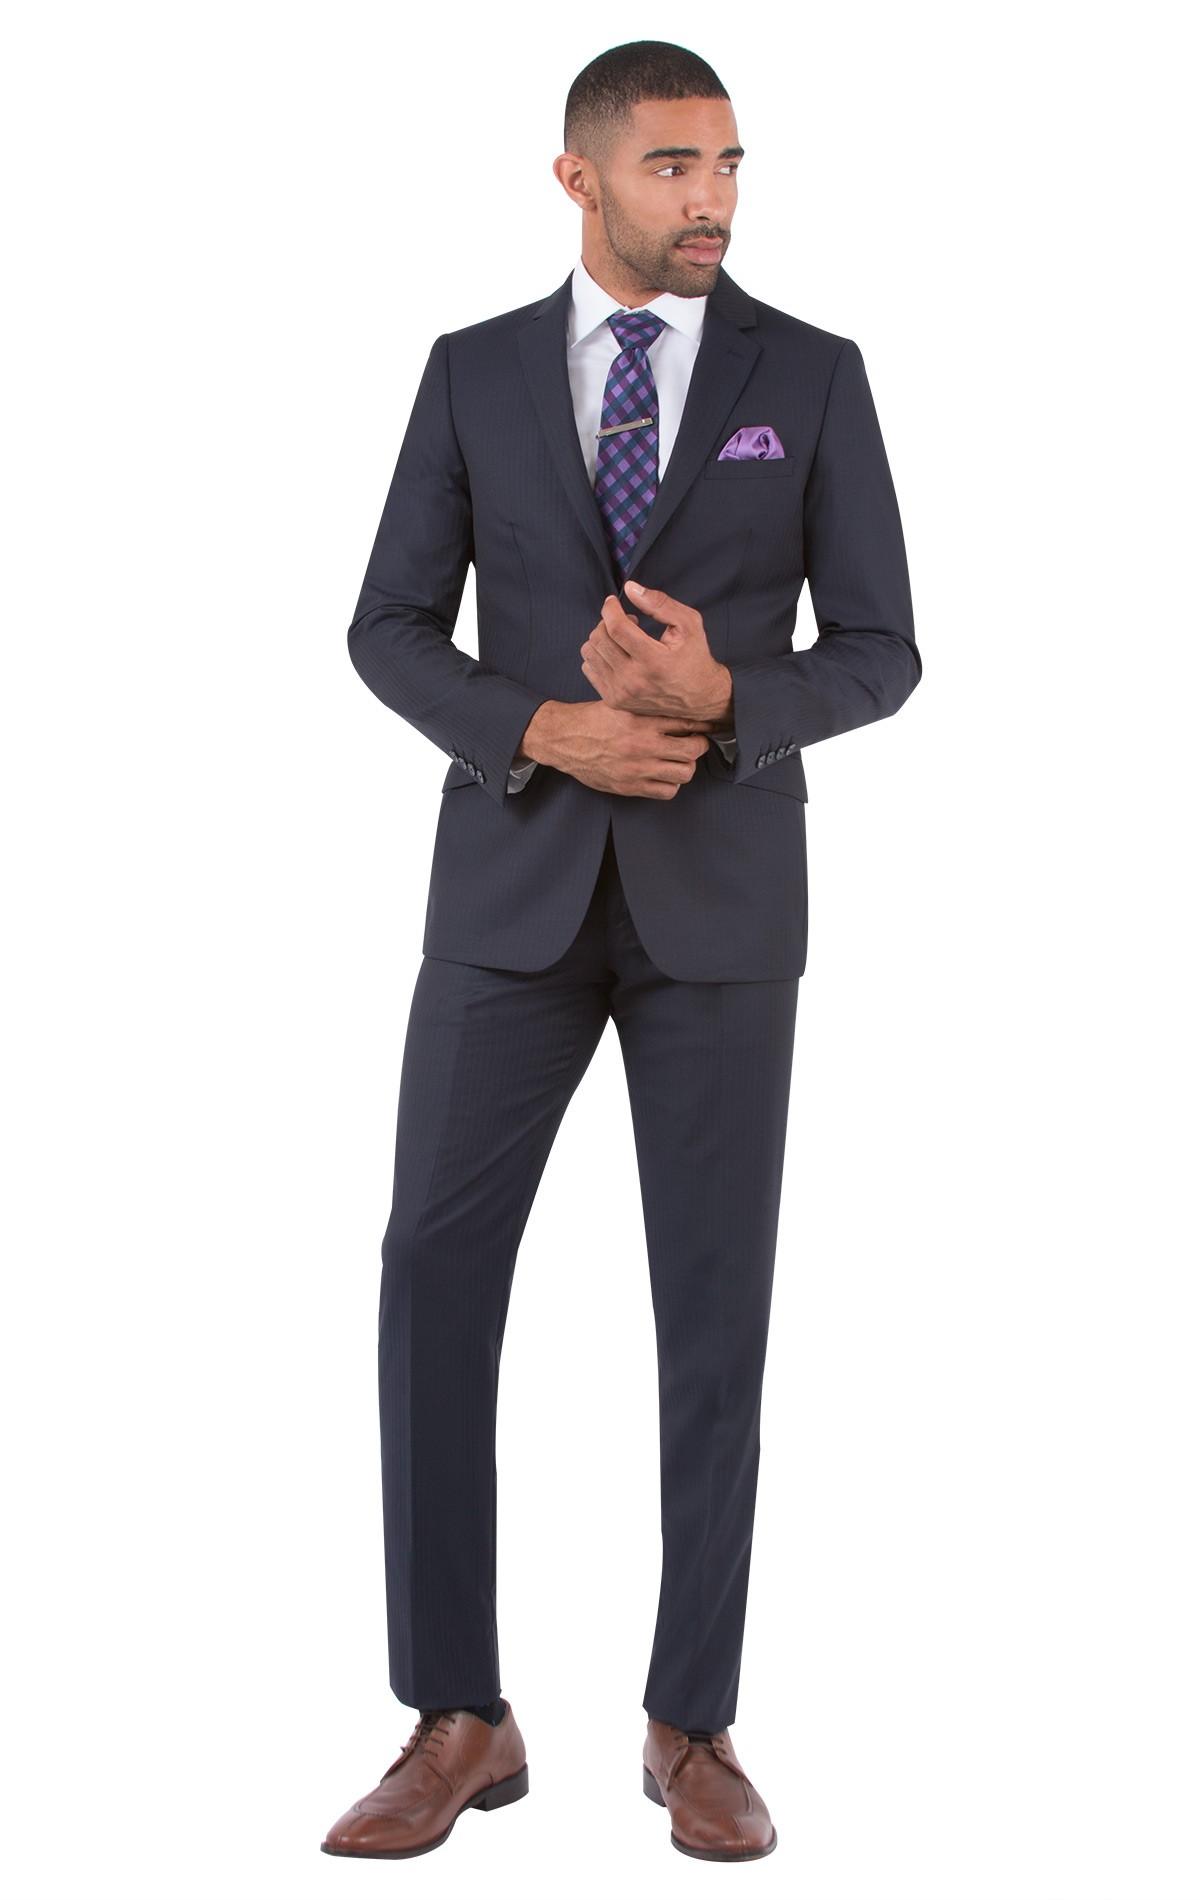 mens suit -61% off ... QCYKASA